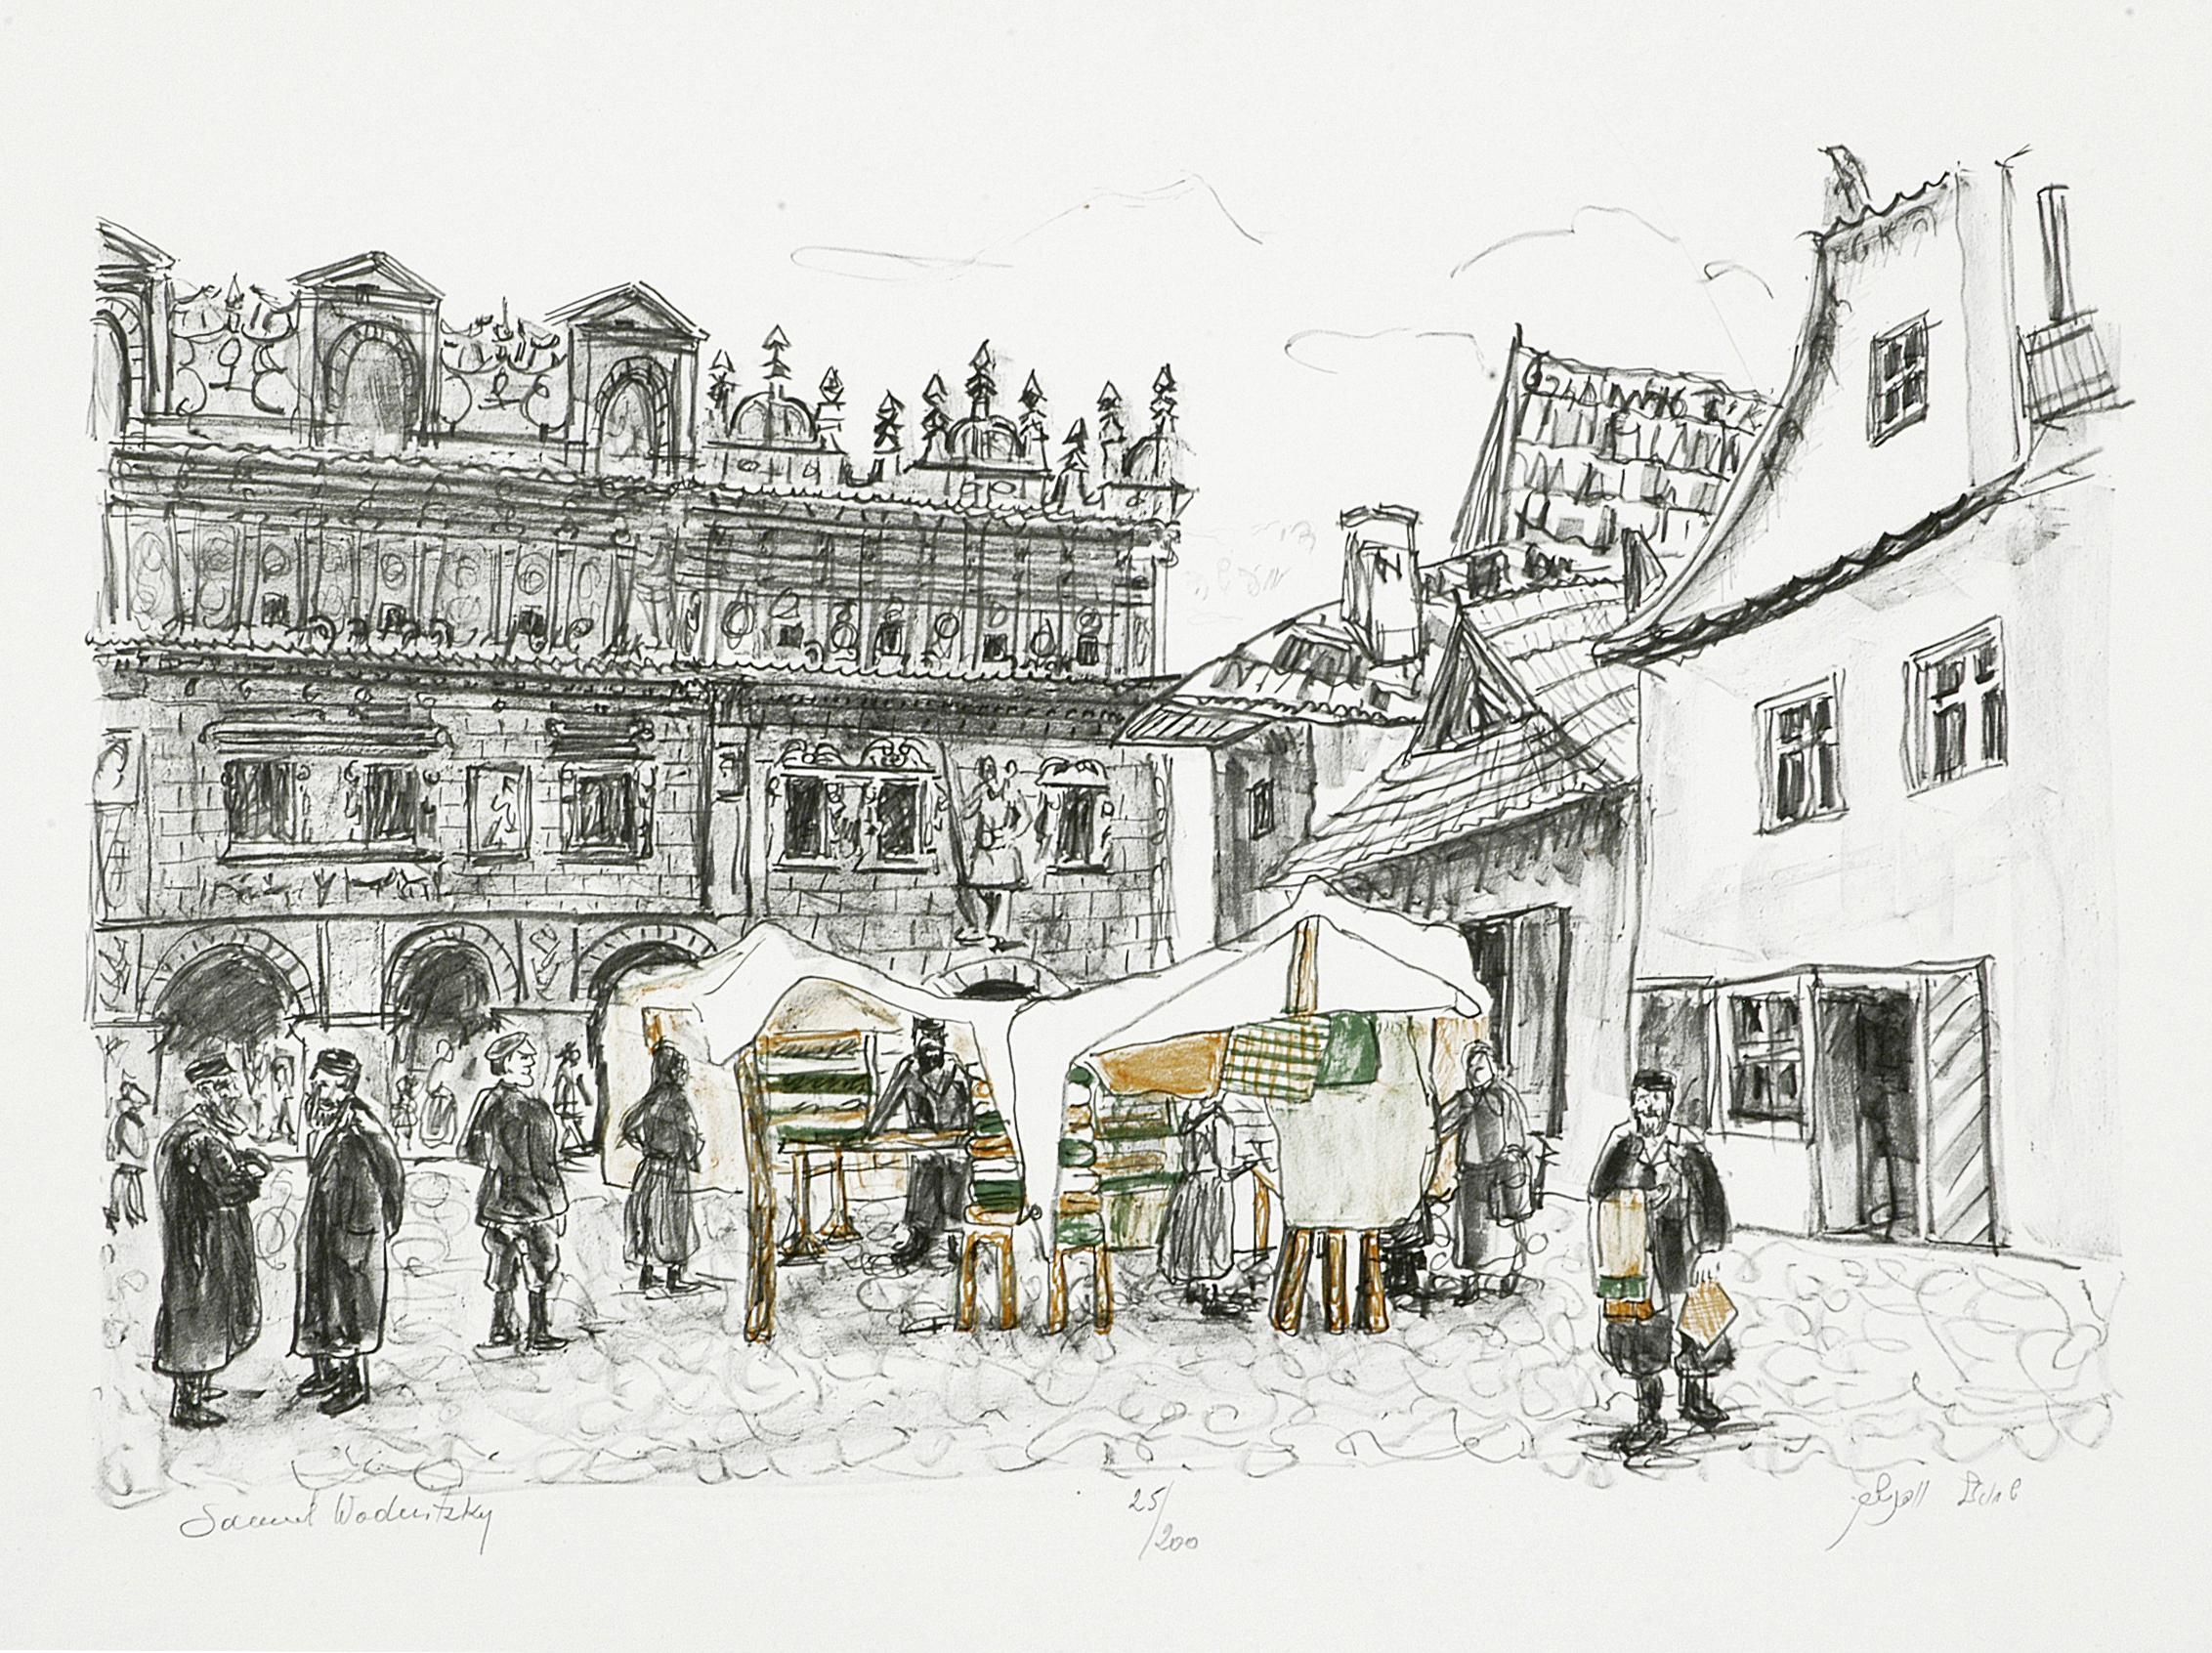 S-186 Market Place in Kuzmir by Shmuel Wodnitzky